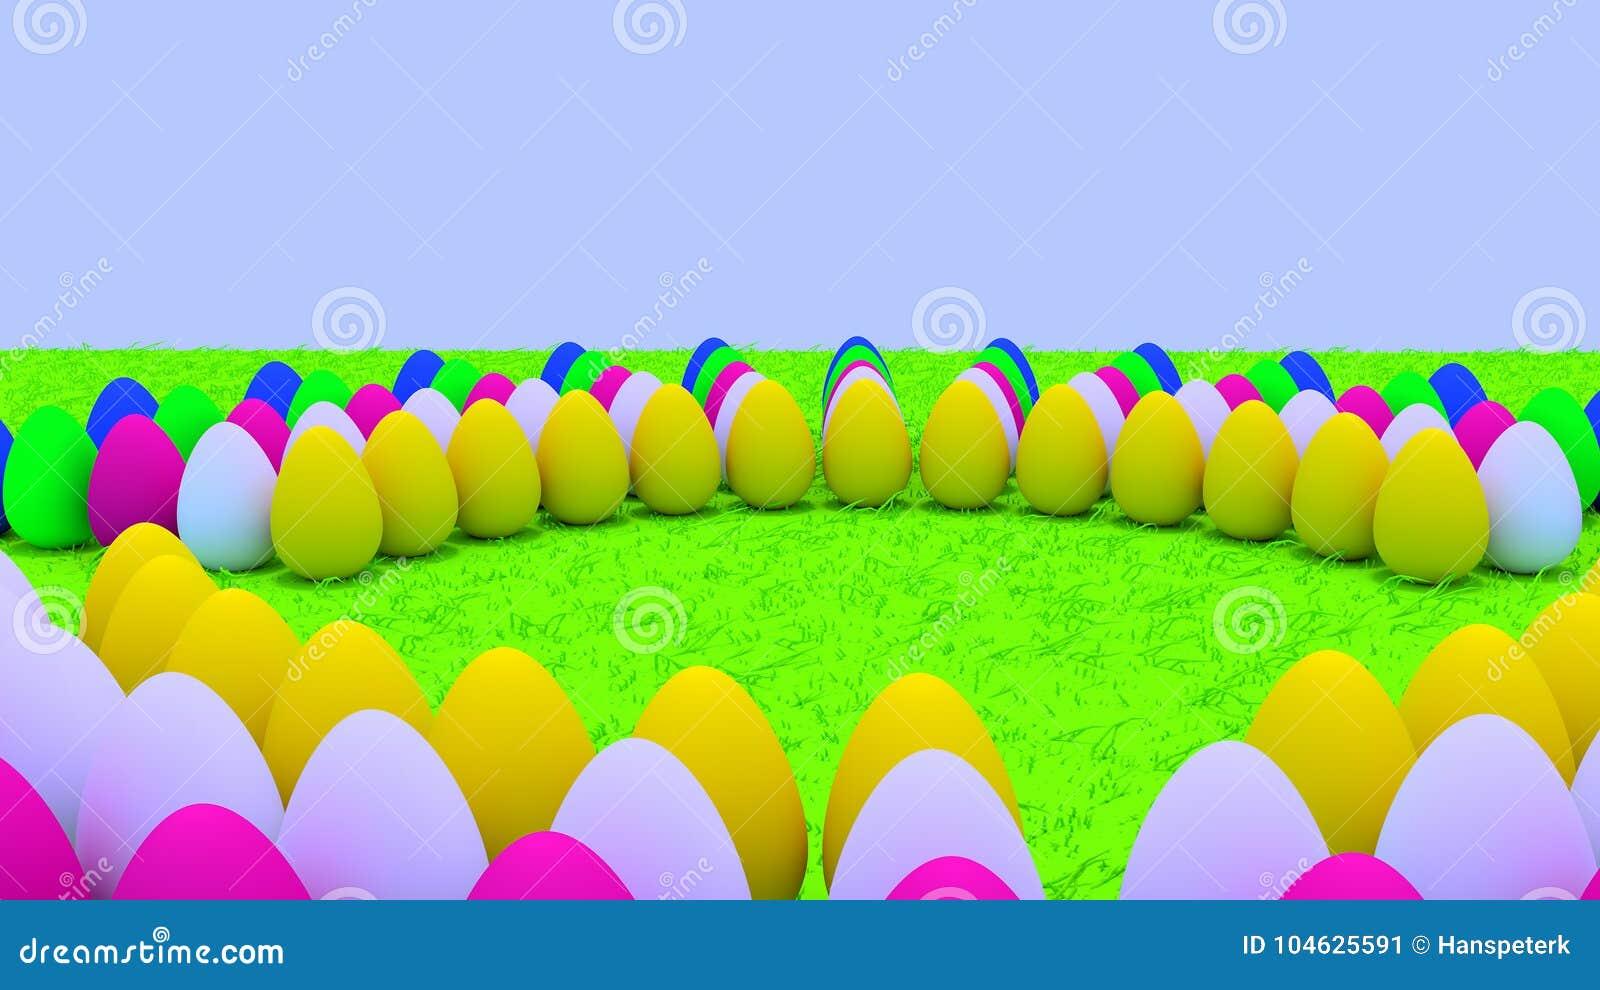 Download Paaseieren Die Zich Op Groen Gras Bevinden Stock Illustratie - Illustratie bestaande uit eieren, achtergrond: 104625591